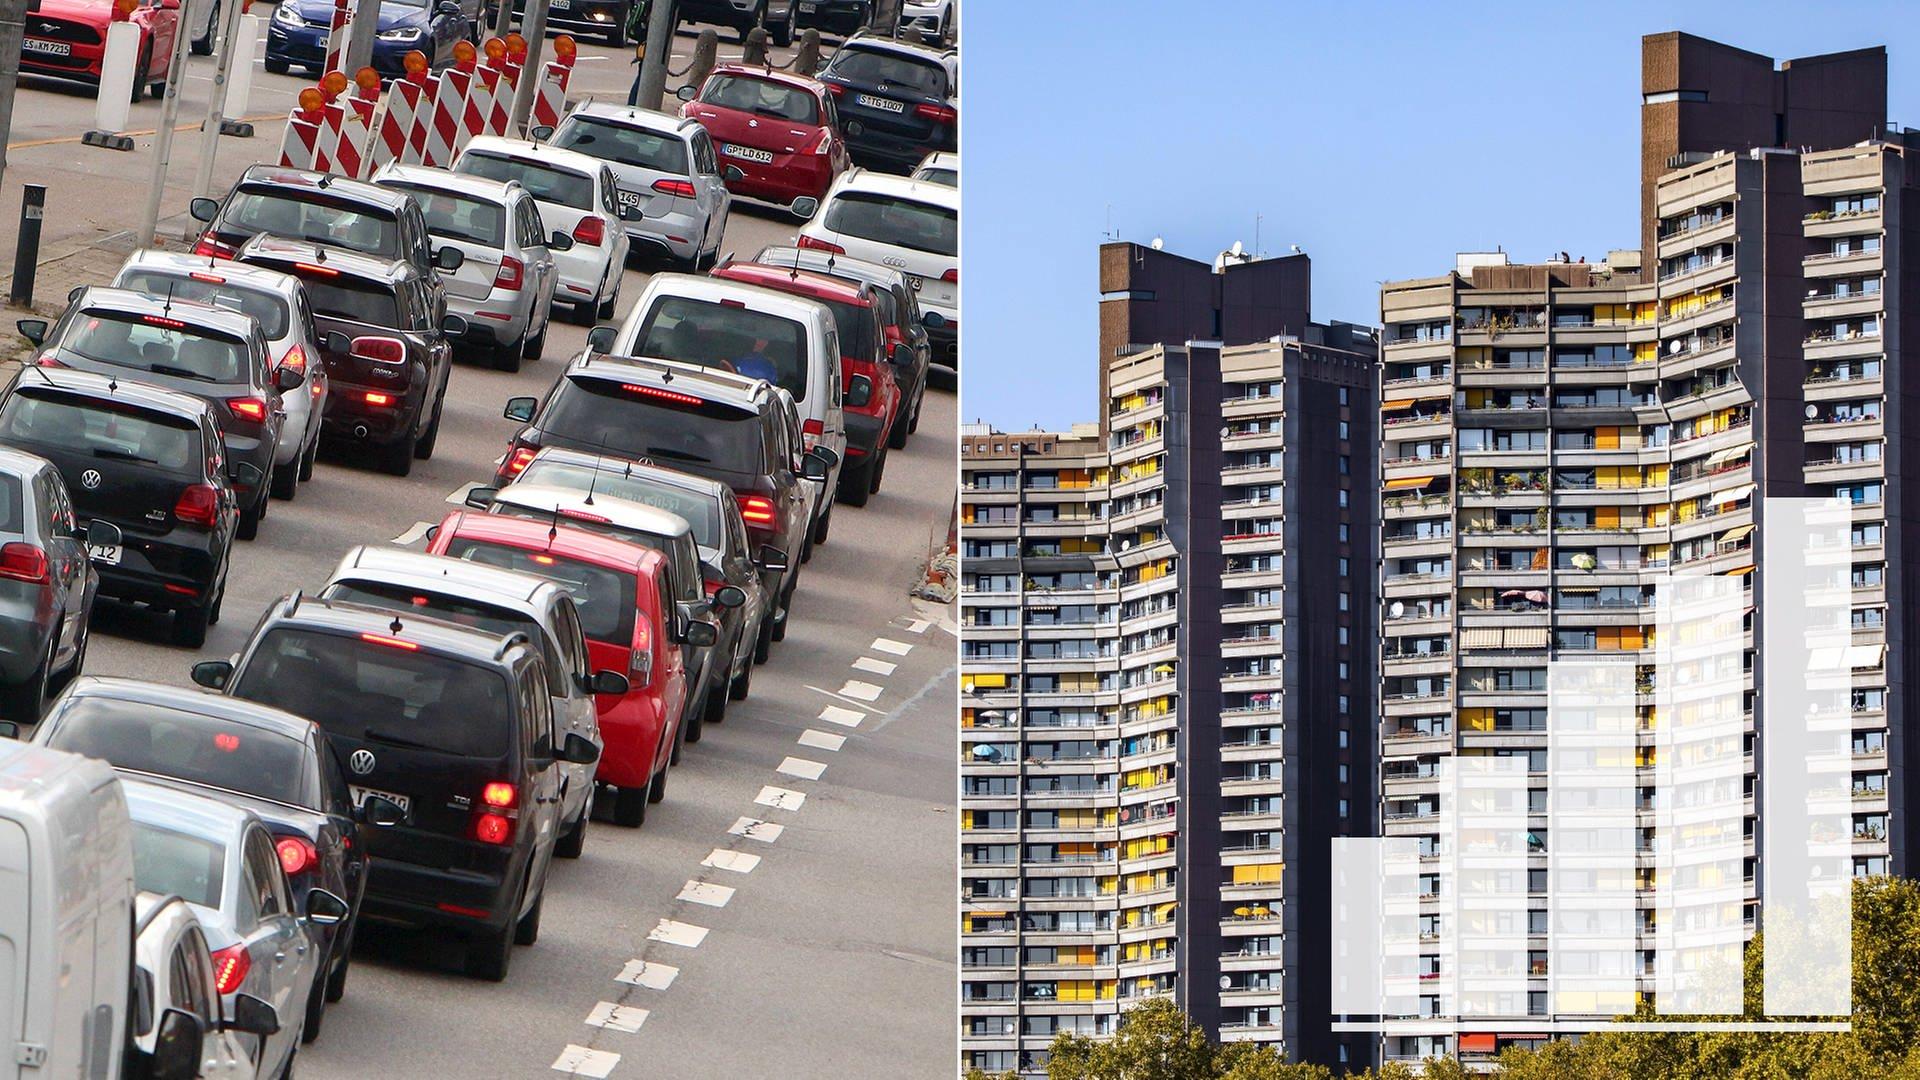 Symbolbild zur SWR Umfrage zur Kommunalwahl in Baden-Württemberg Verkehrsprobleme (Autos im Stau) Mietprobleme (Hochhaus)